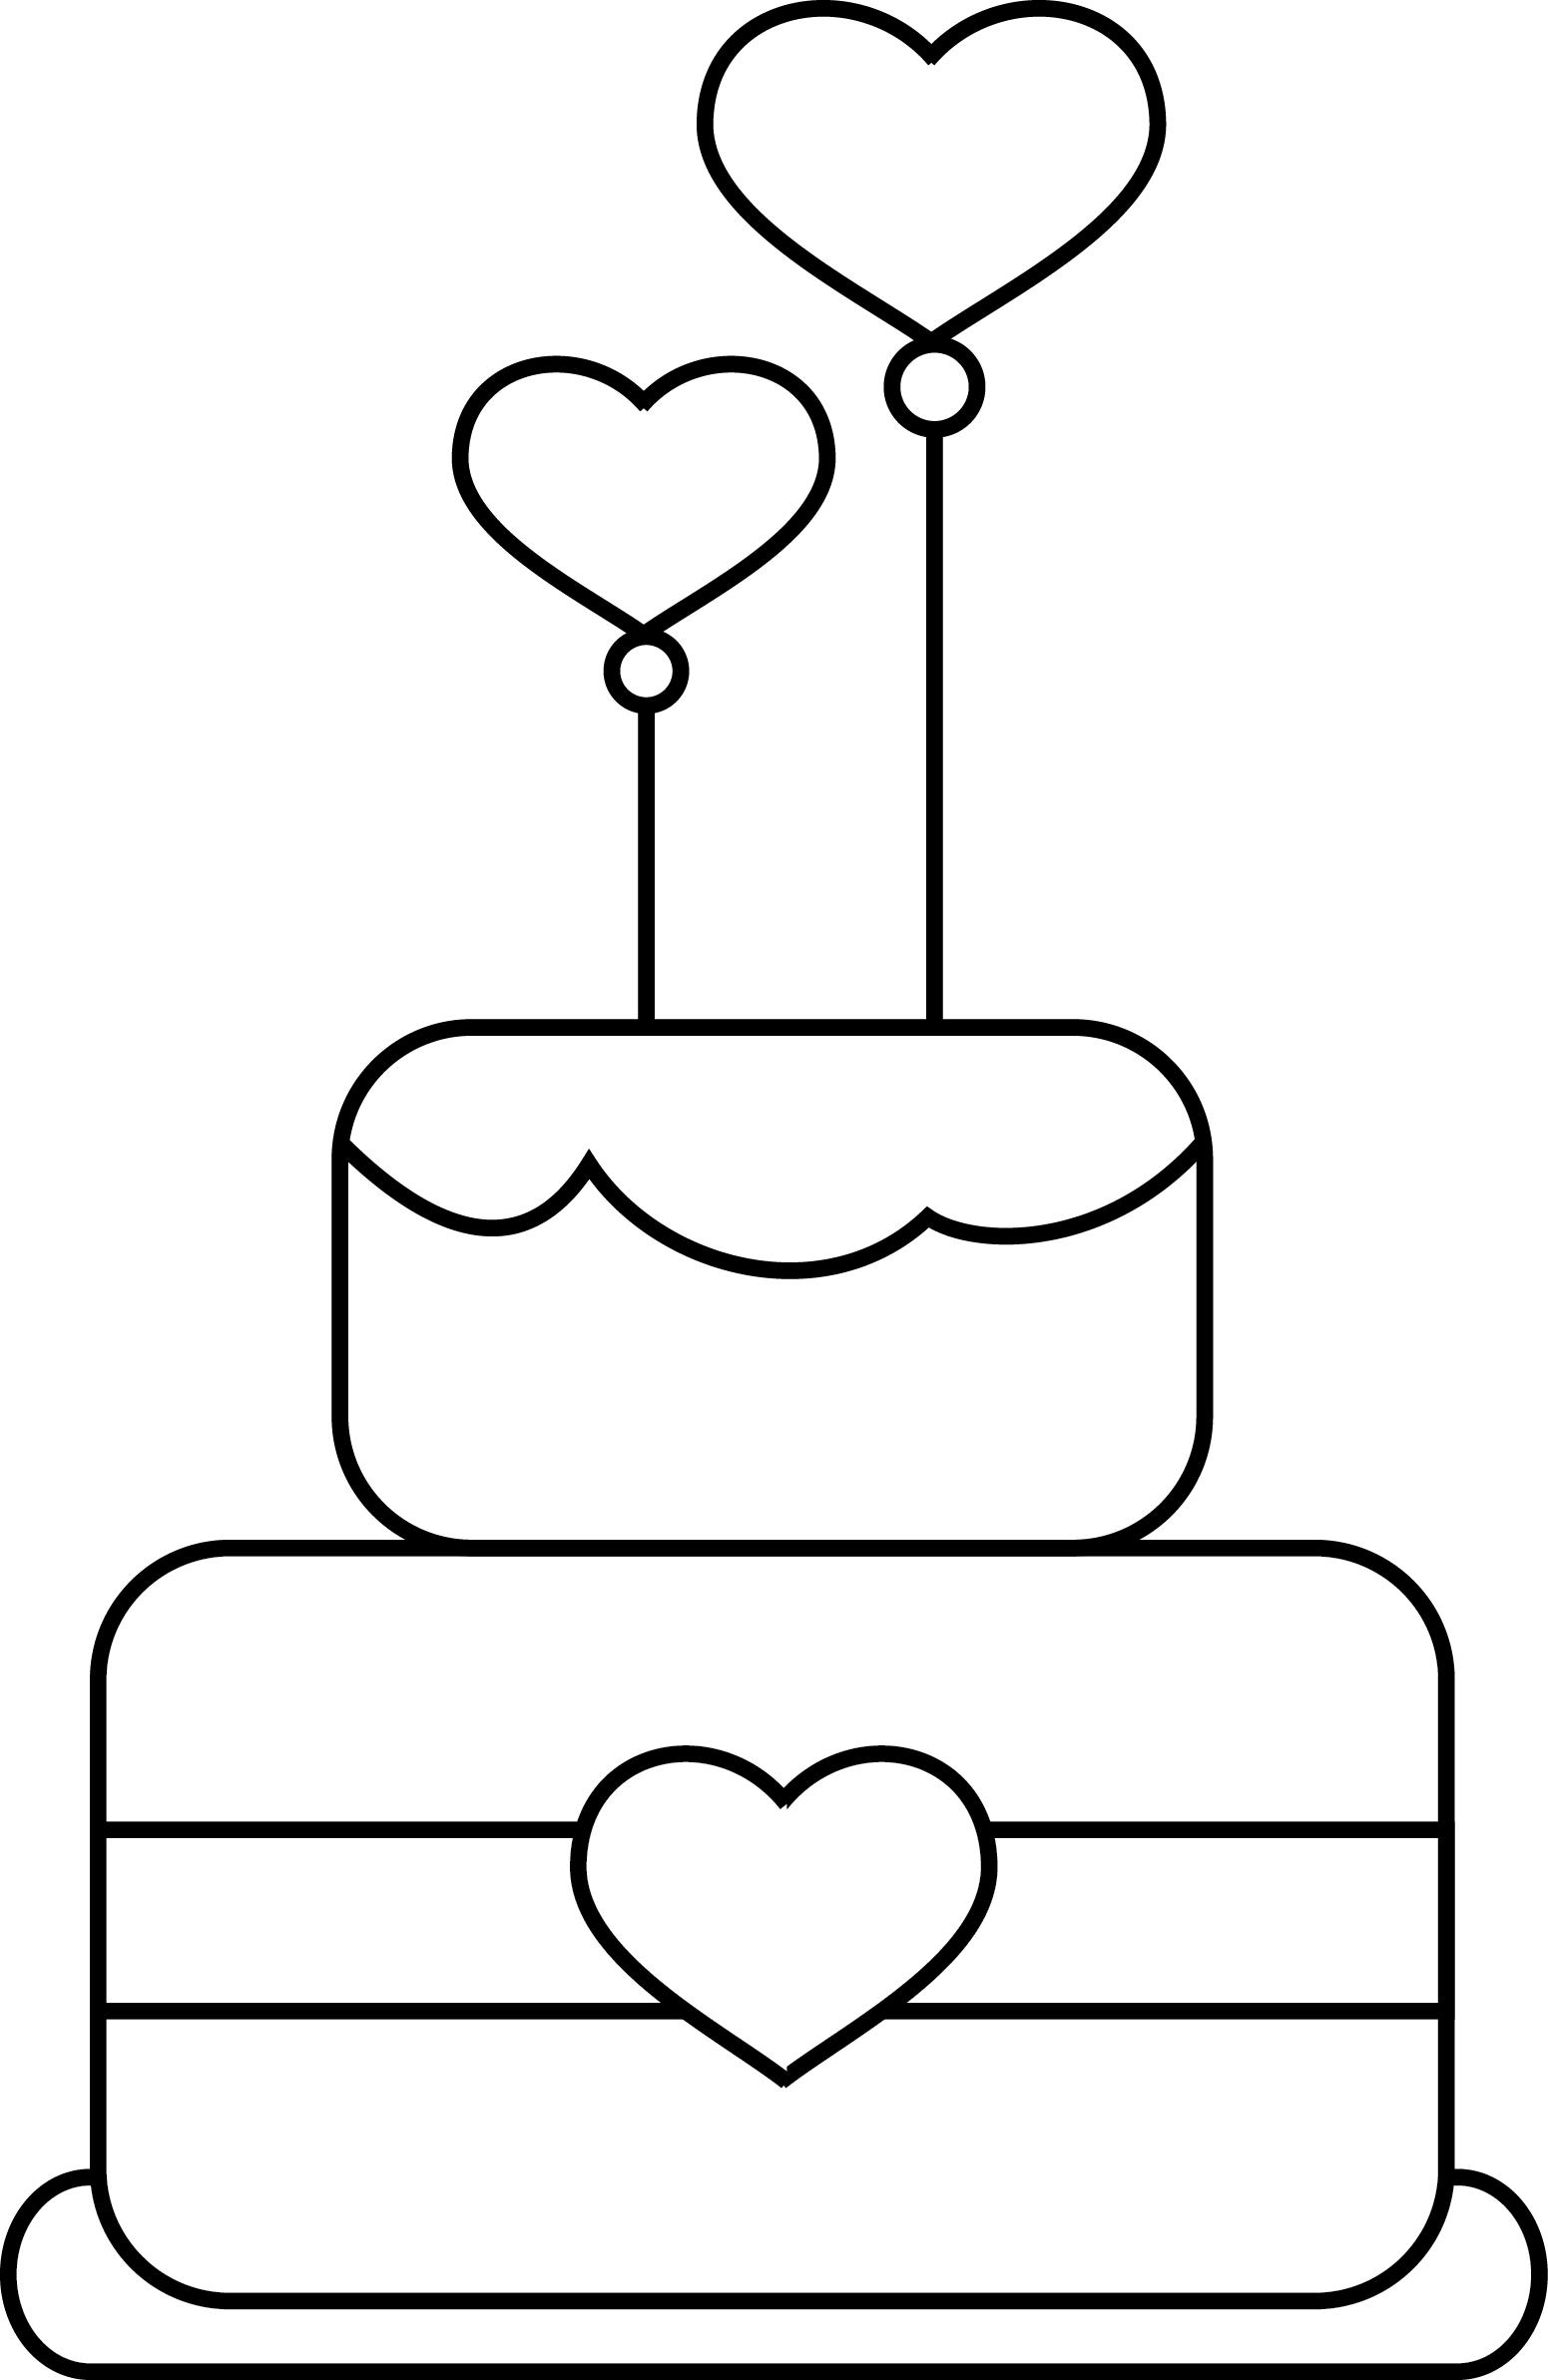 Images About Clip Art